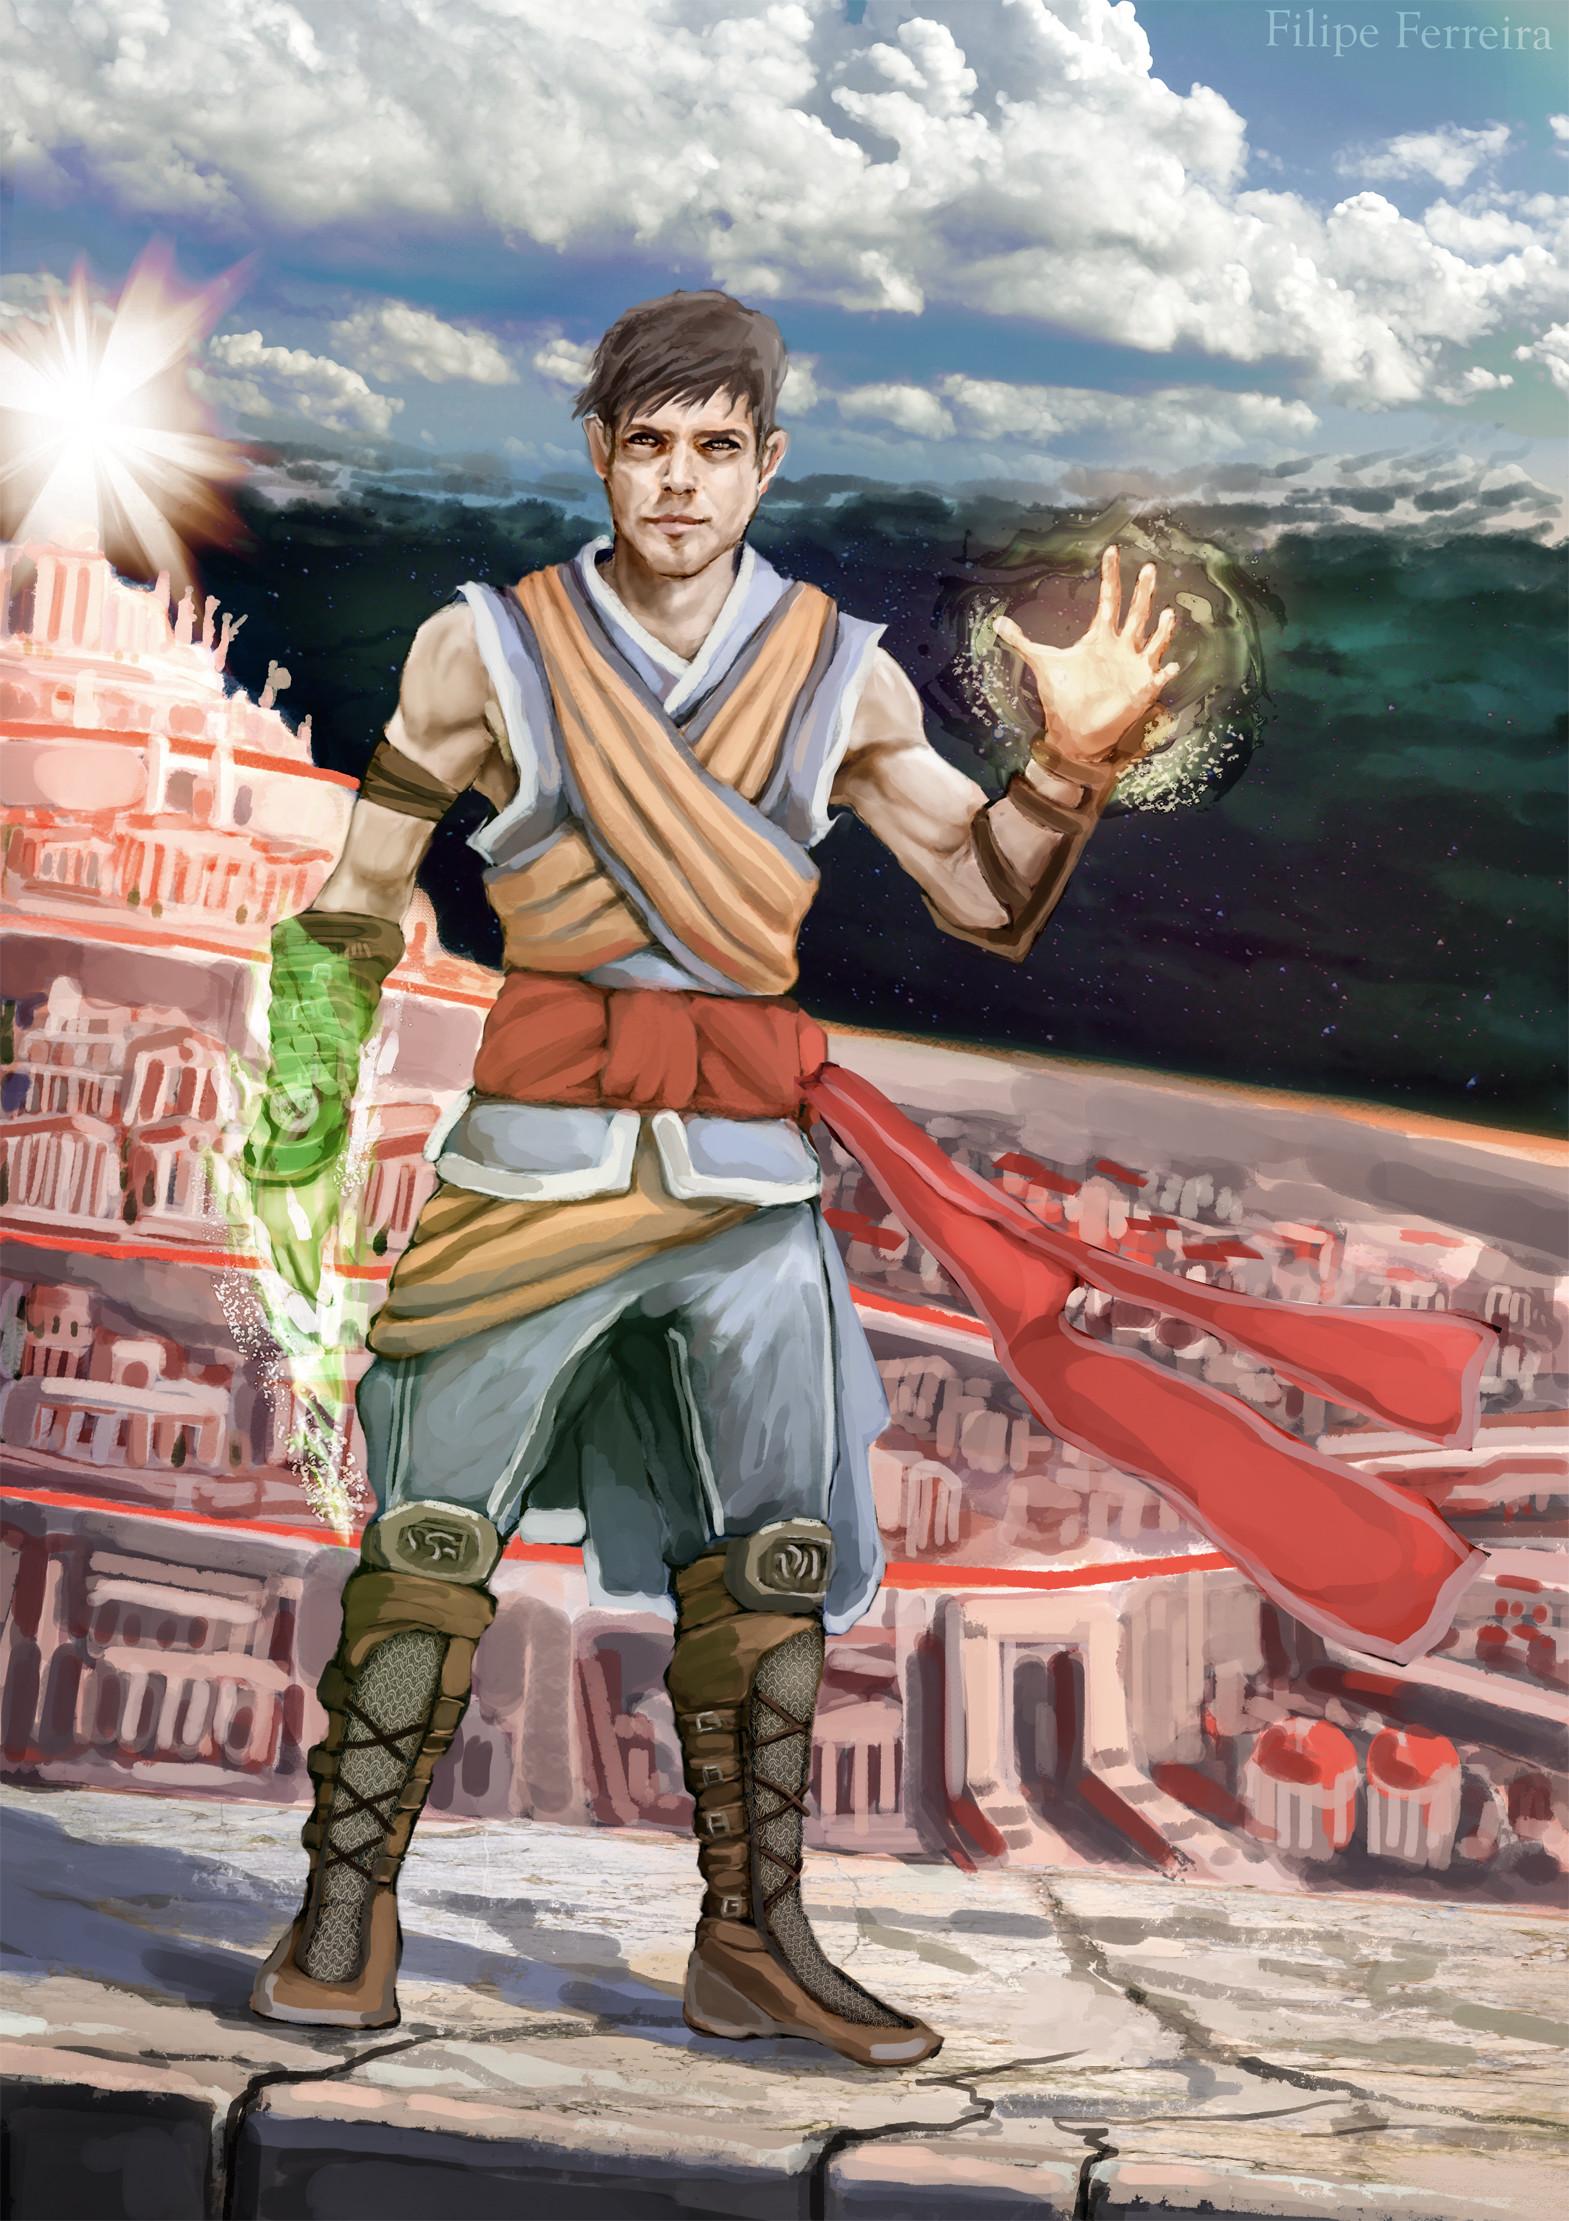 Filipe ferreira character final edharris